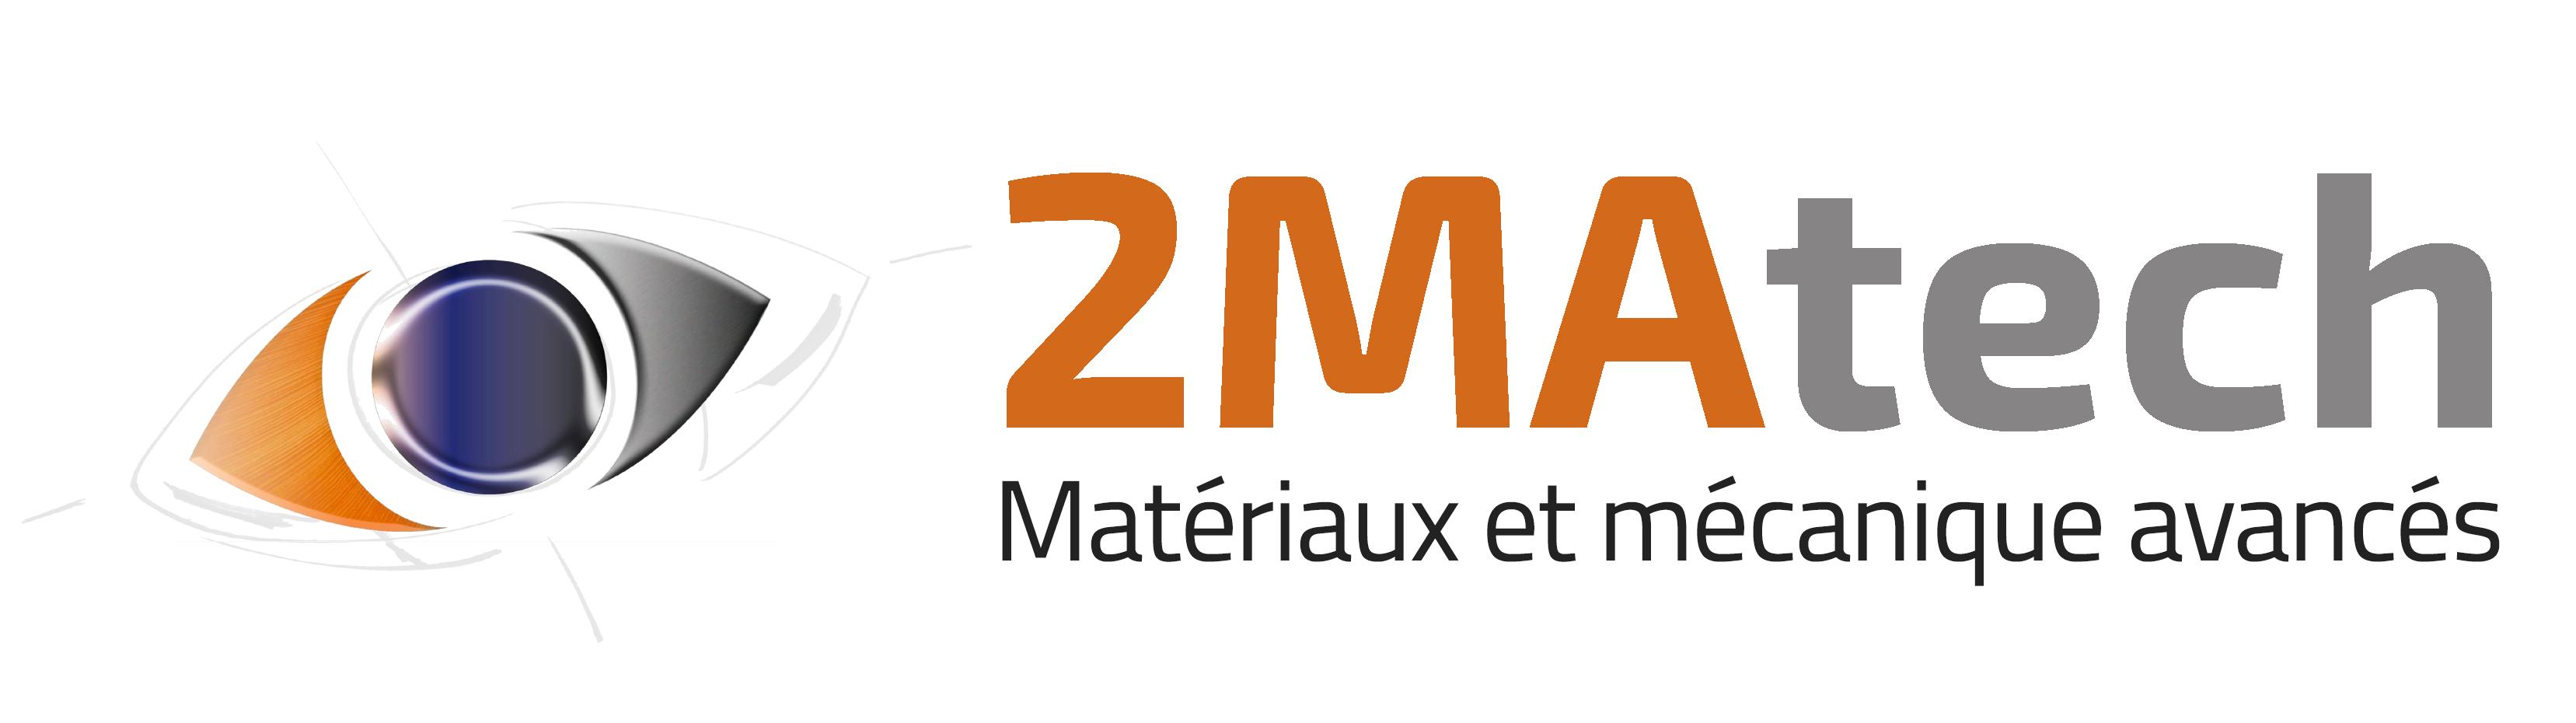 2MAtech, matériaux et mécaniques avancés à Clermont Ferrand